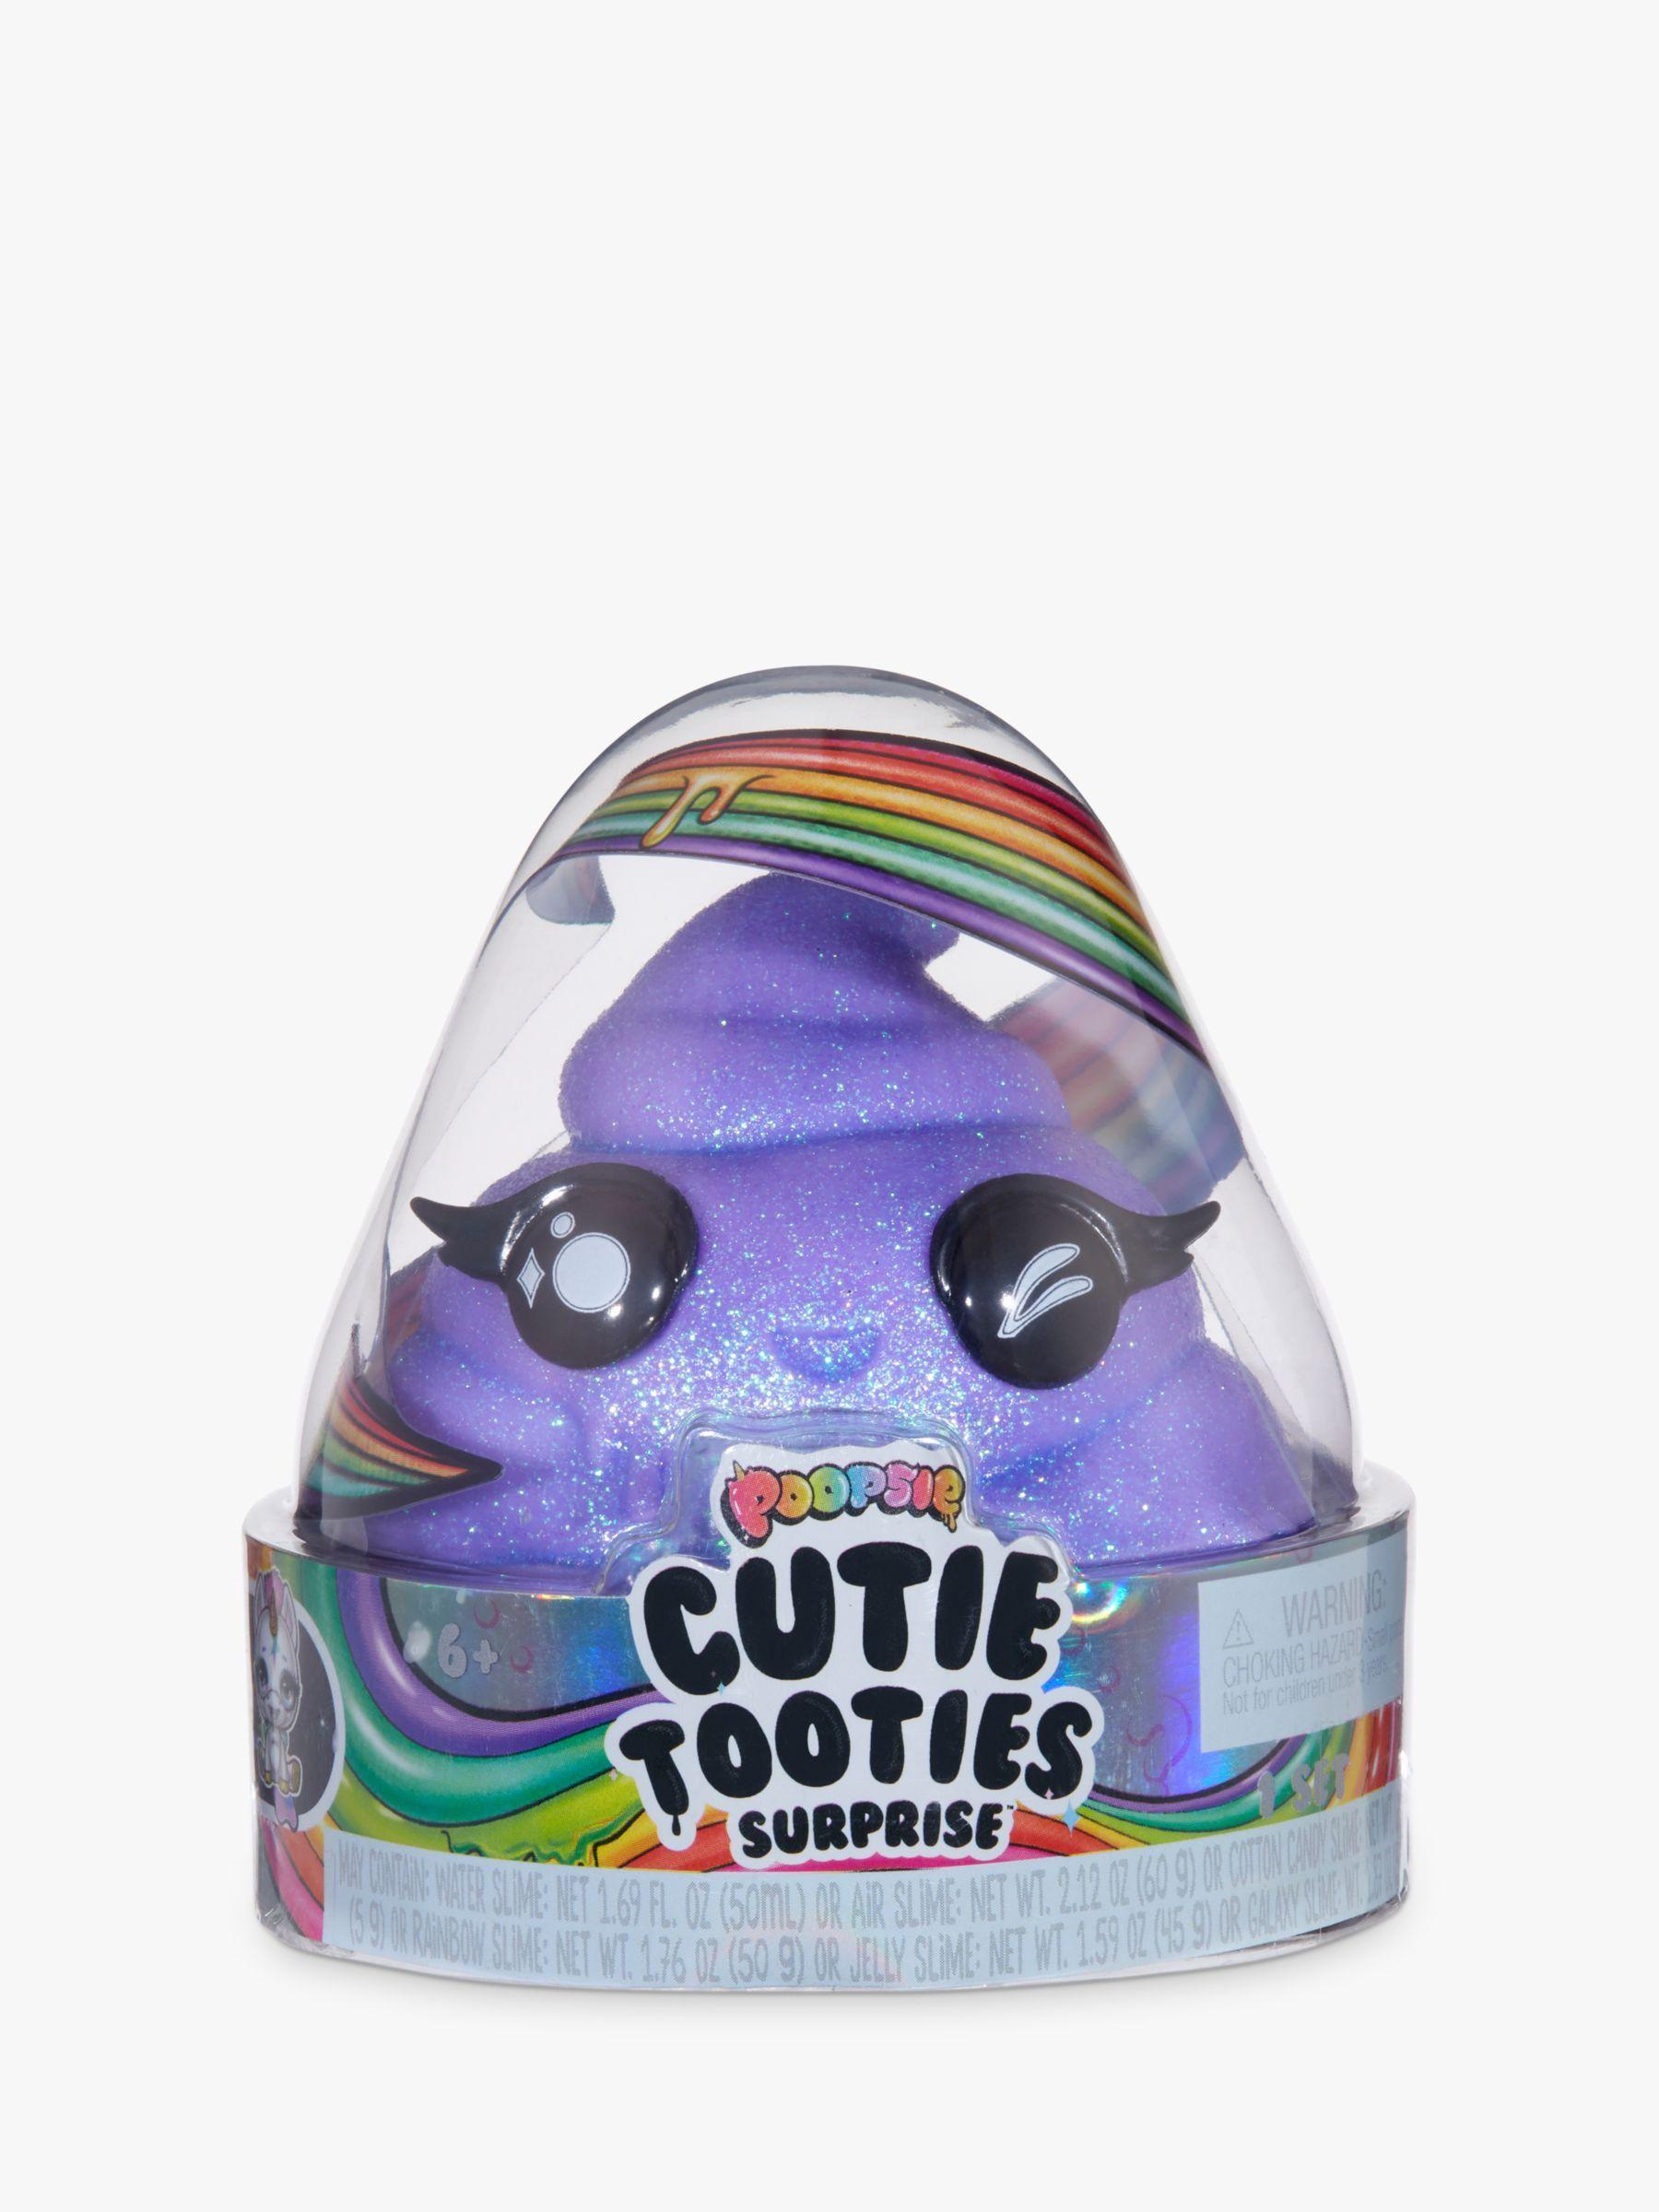 Poopsie Cutie Tooties Slime Surprise Slime, Cutie, Surprise